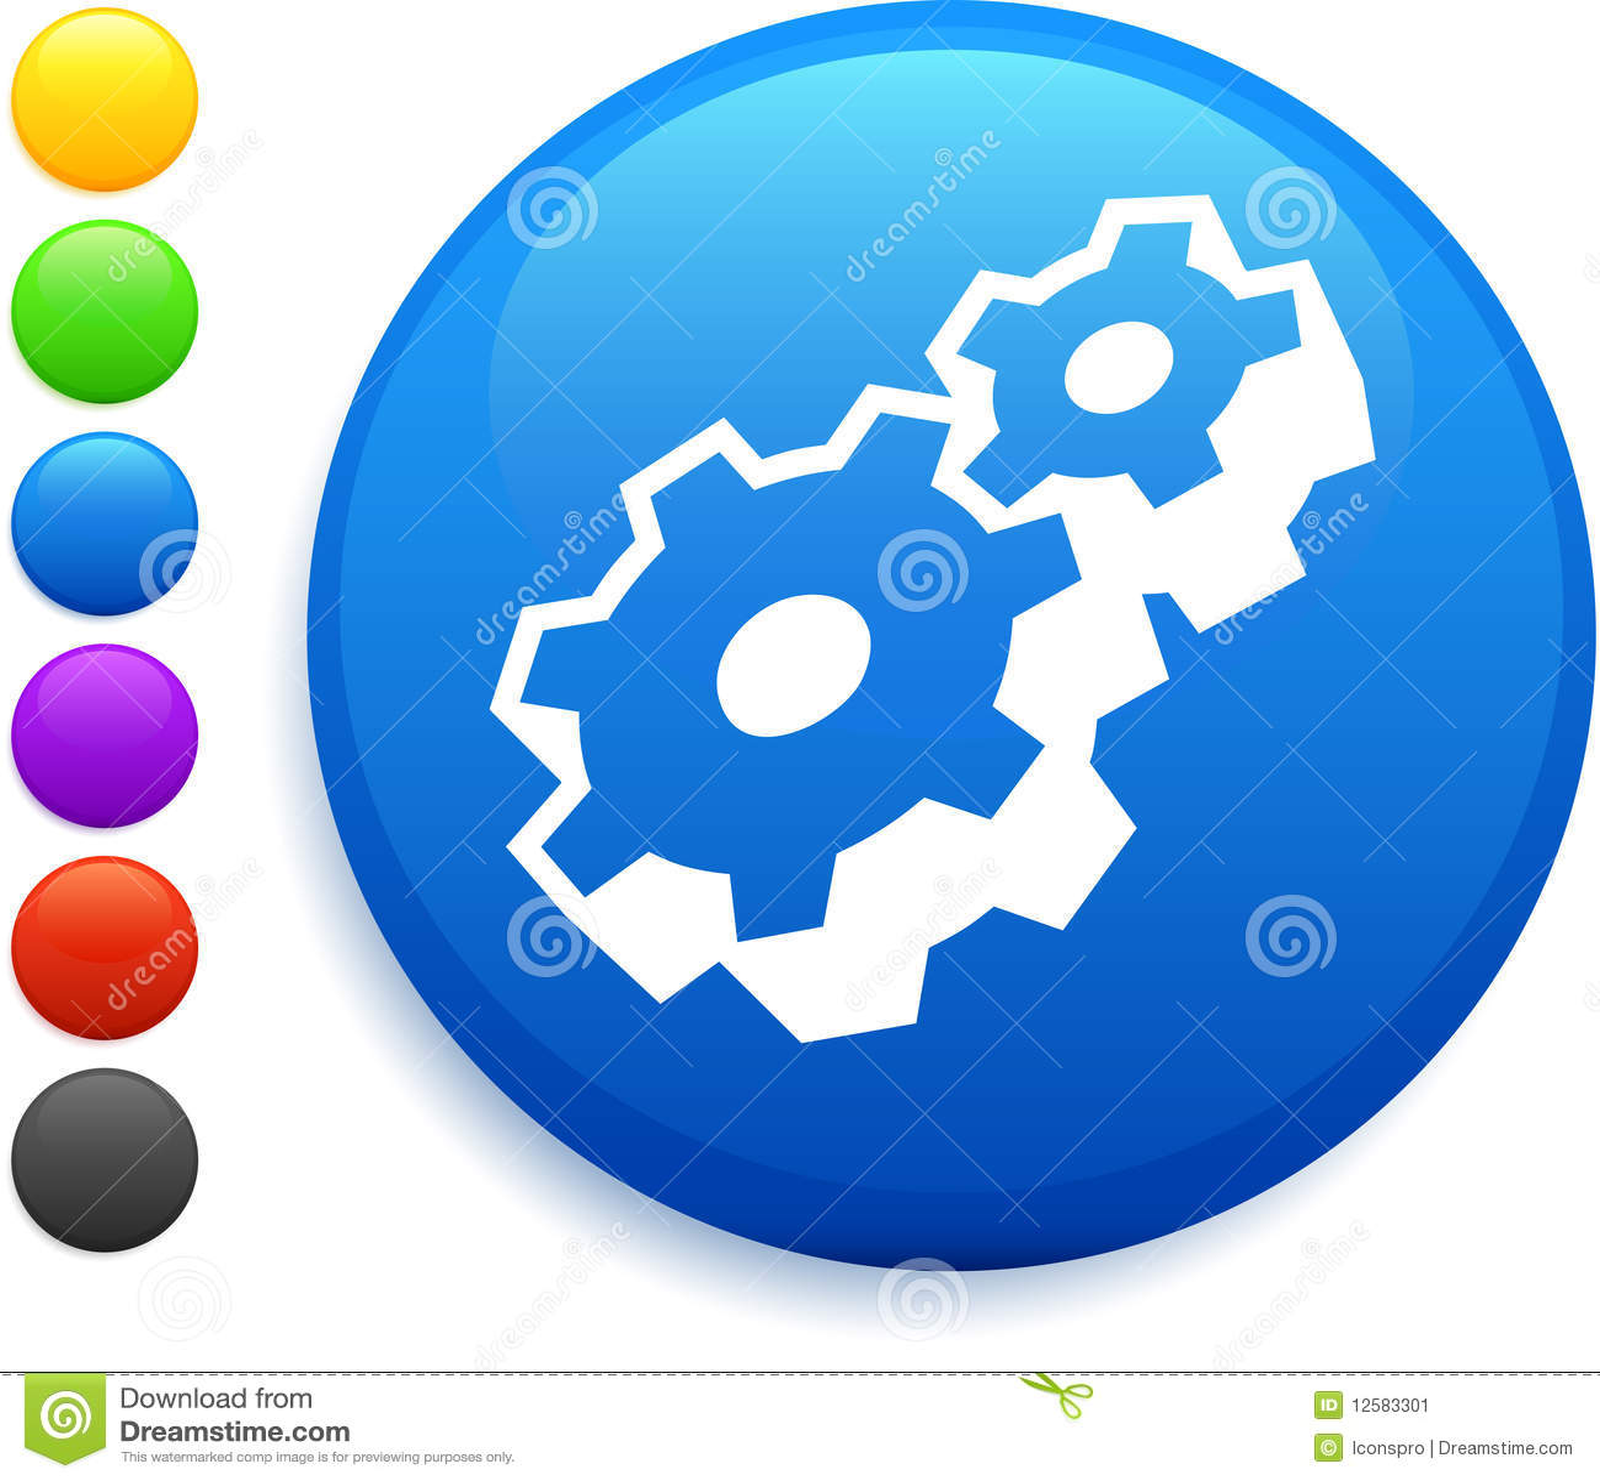 Machine part icon on round internet button